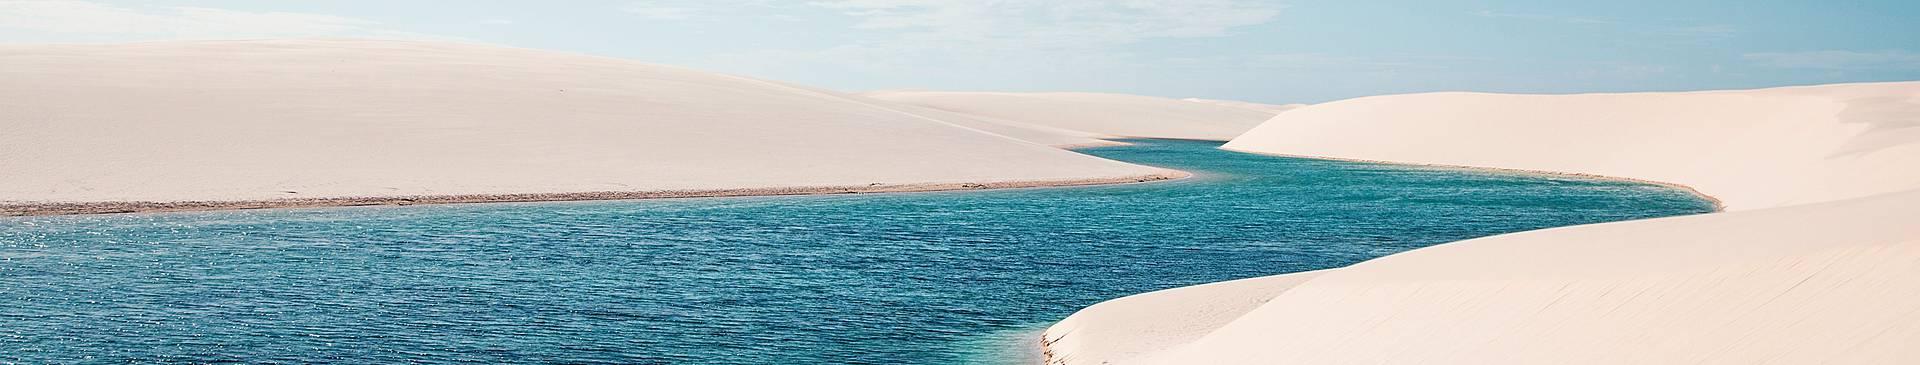 Viaggi nel deserto in Brasile